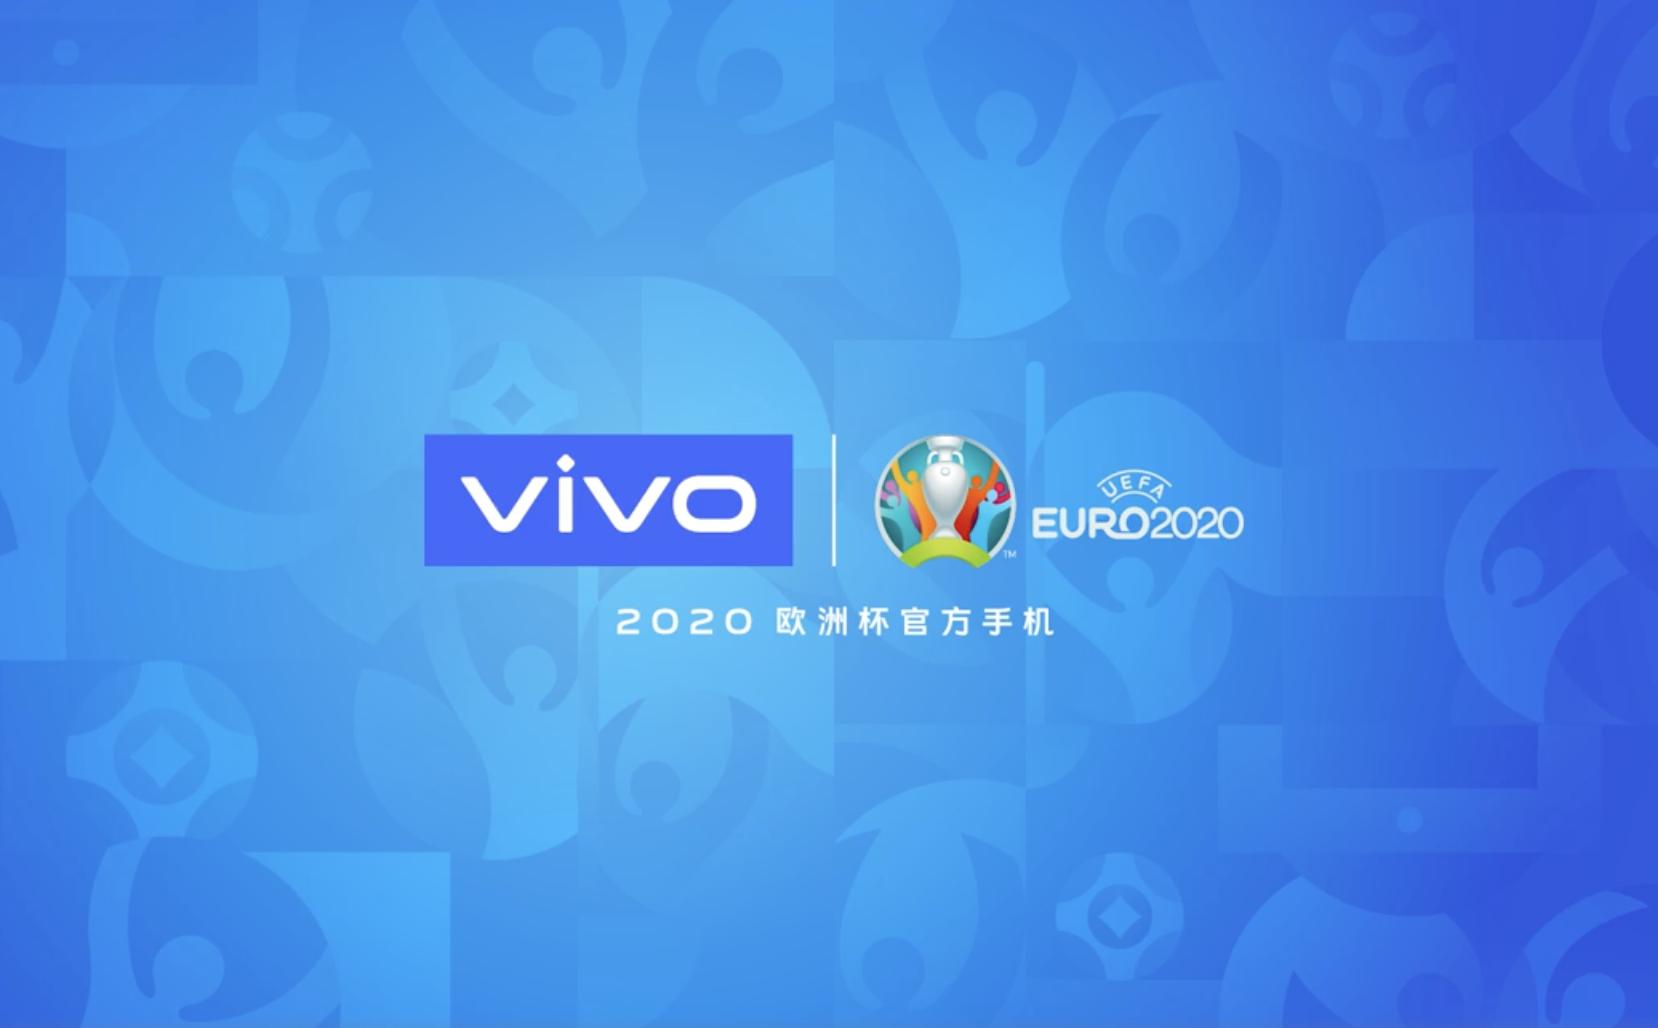 官宣!vivo成为未来两届欧洲杯官方合作伙伴 将发力欧洲市场